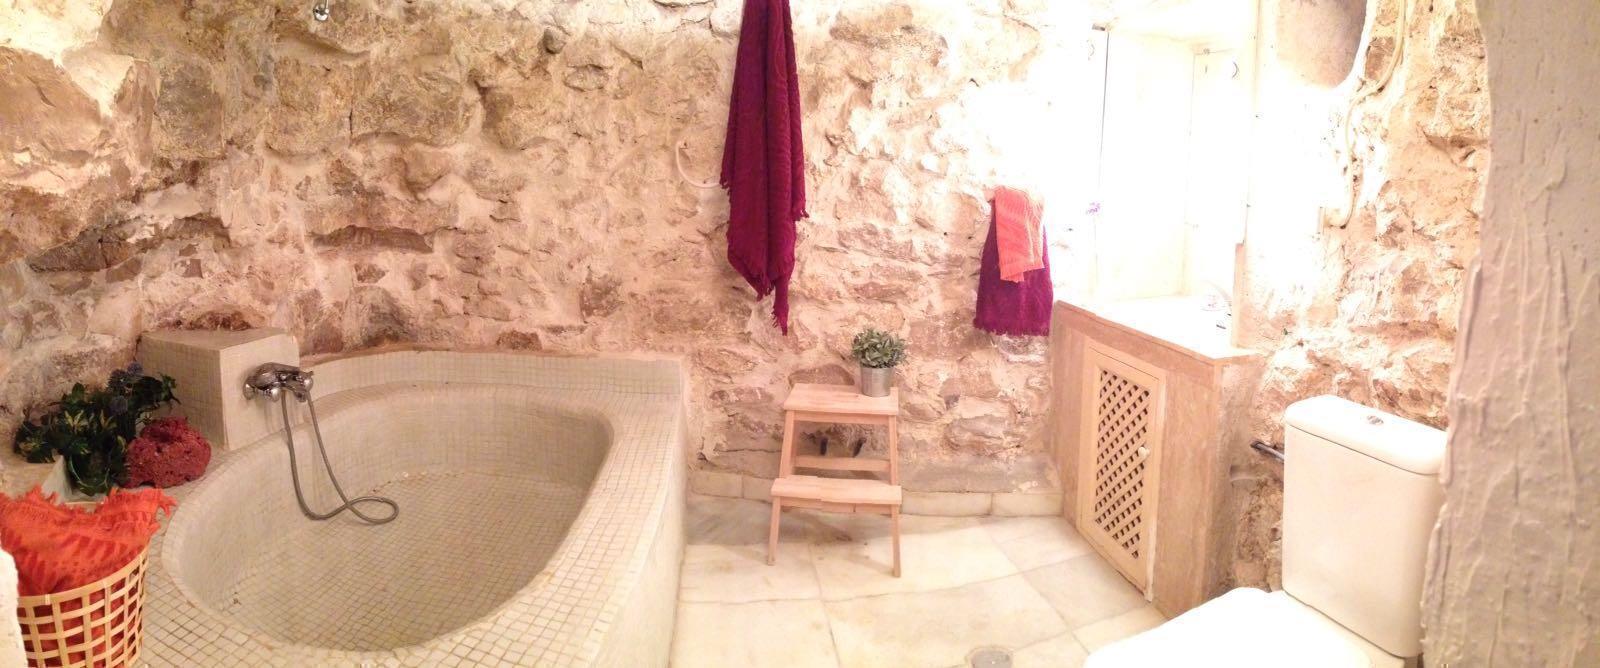 Villa Florita, una casa rural con mucho encanto